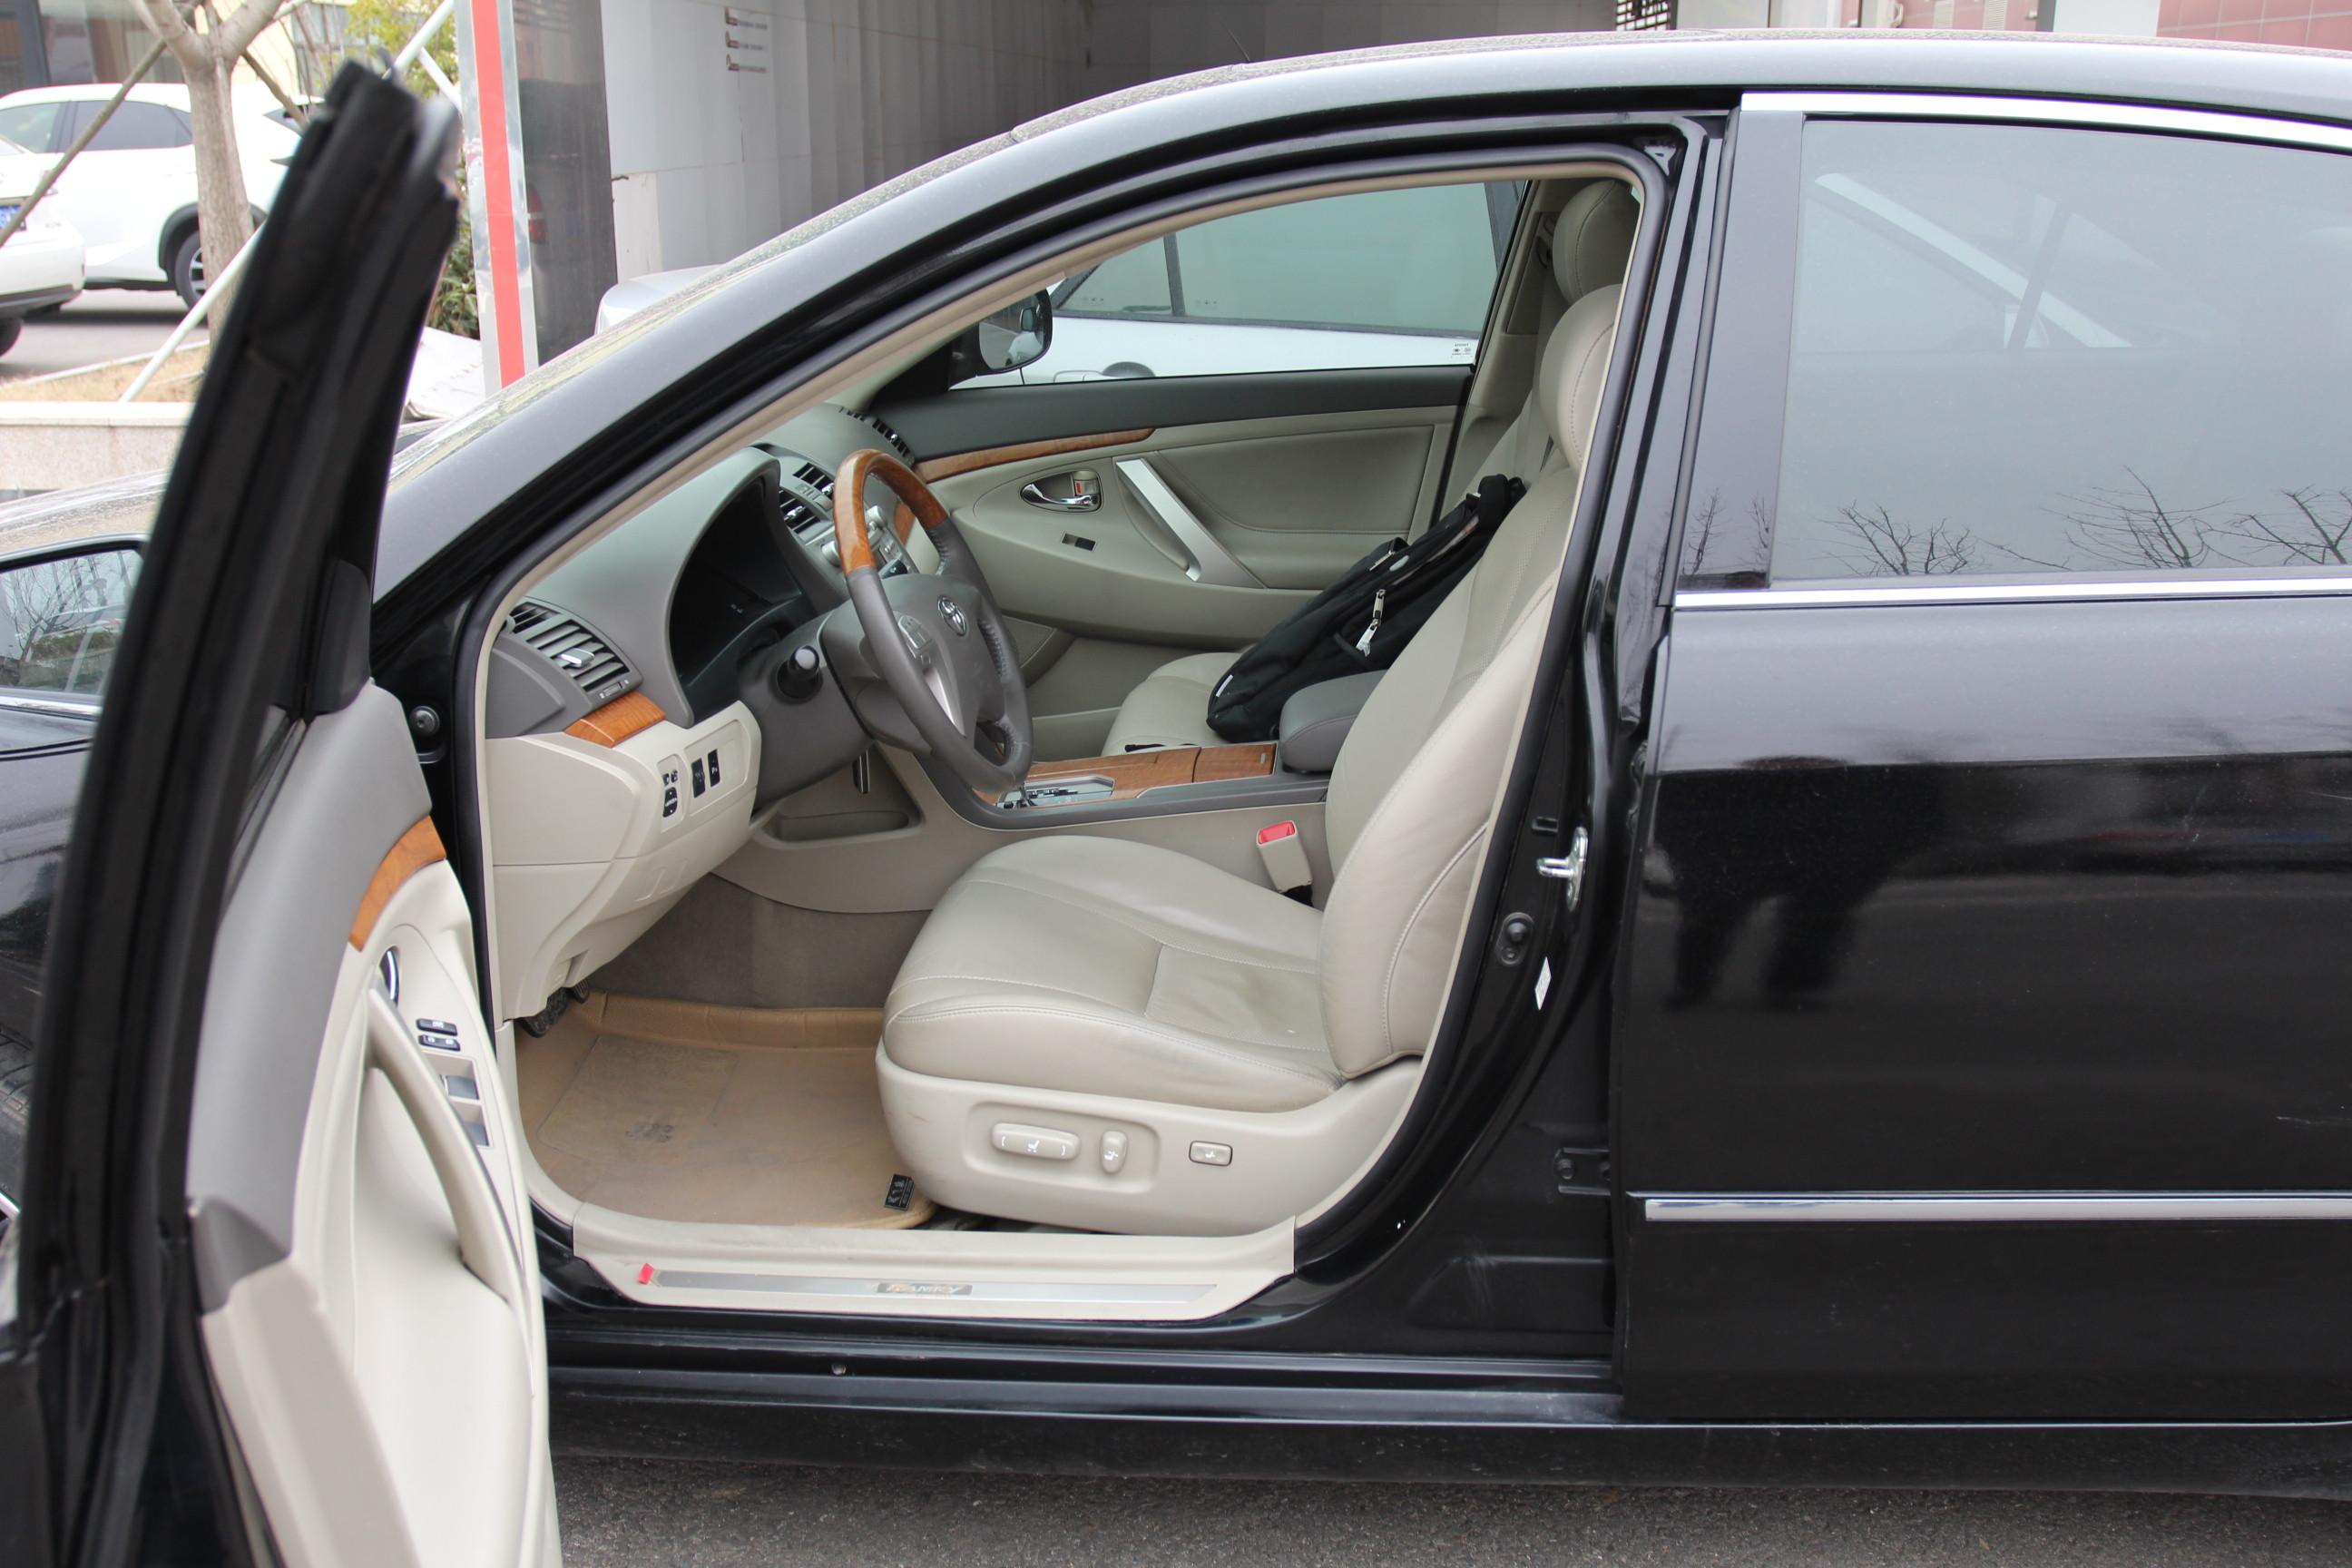 丰田-凯美瑞 2011款 240g 2.4l 自动 经典周年纪念版